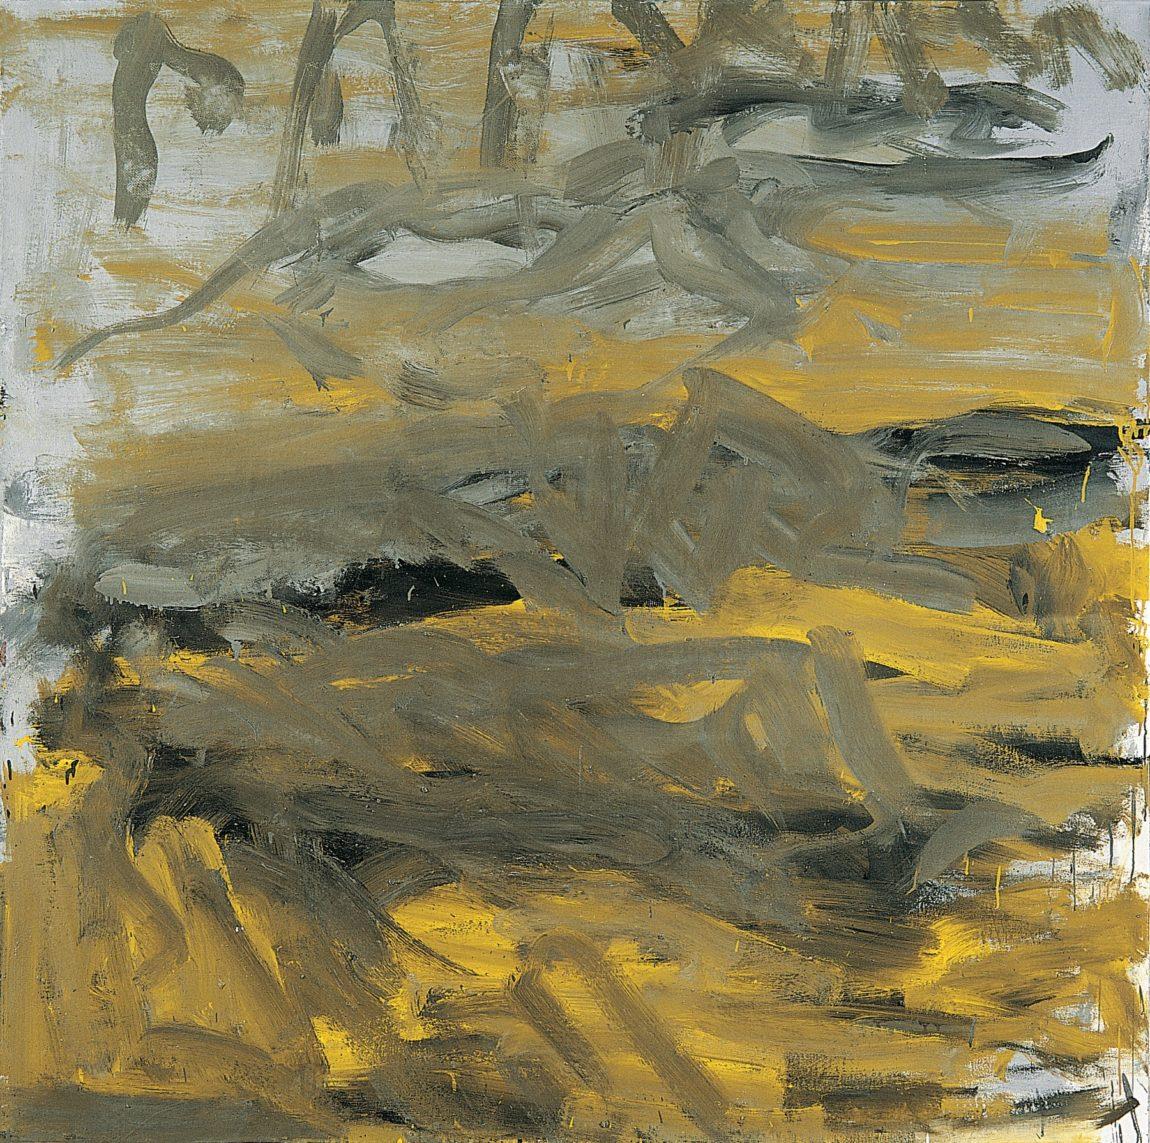 Près des champs, 2007, huile sur toile,150 x 150 cm, collection personnelle. (Photo © A.Morain)